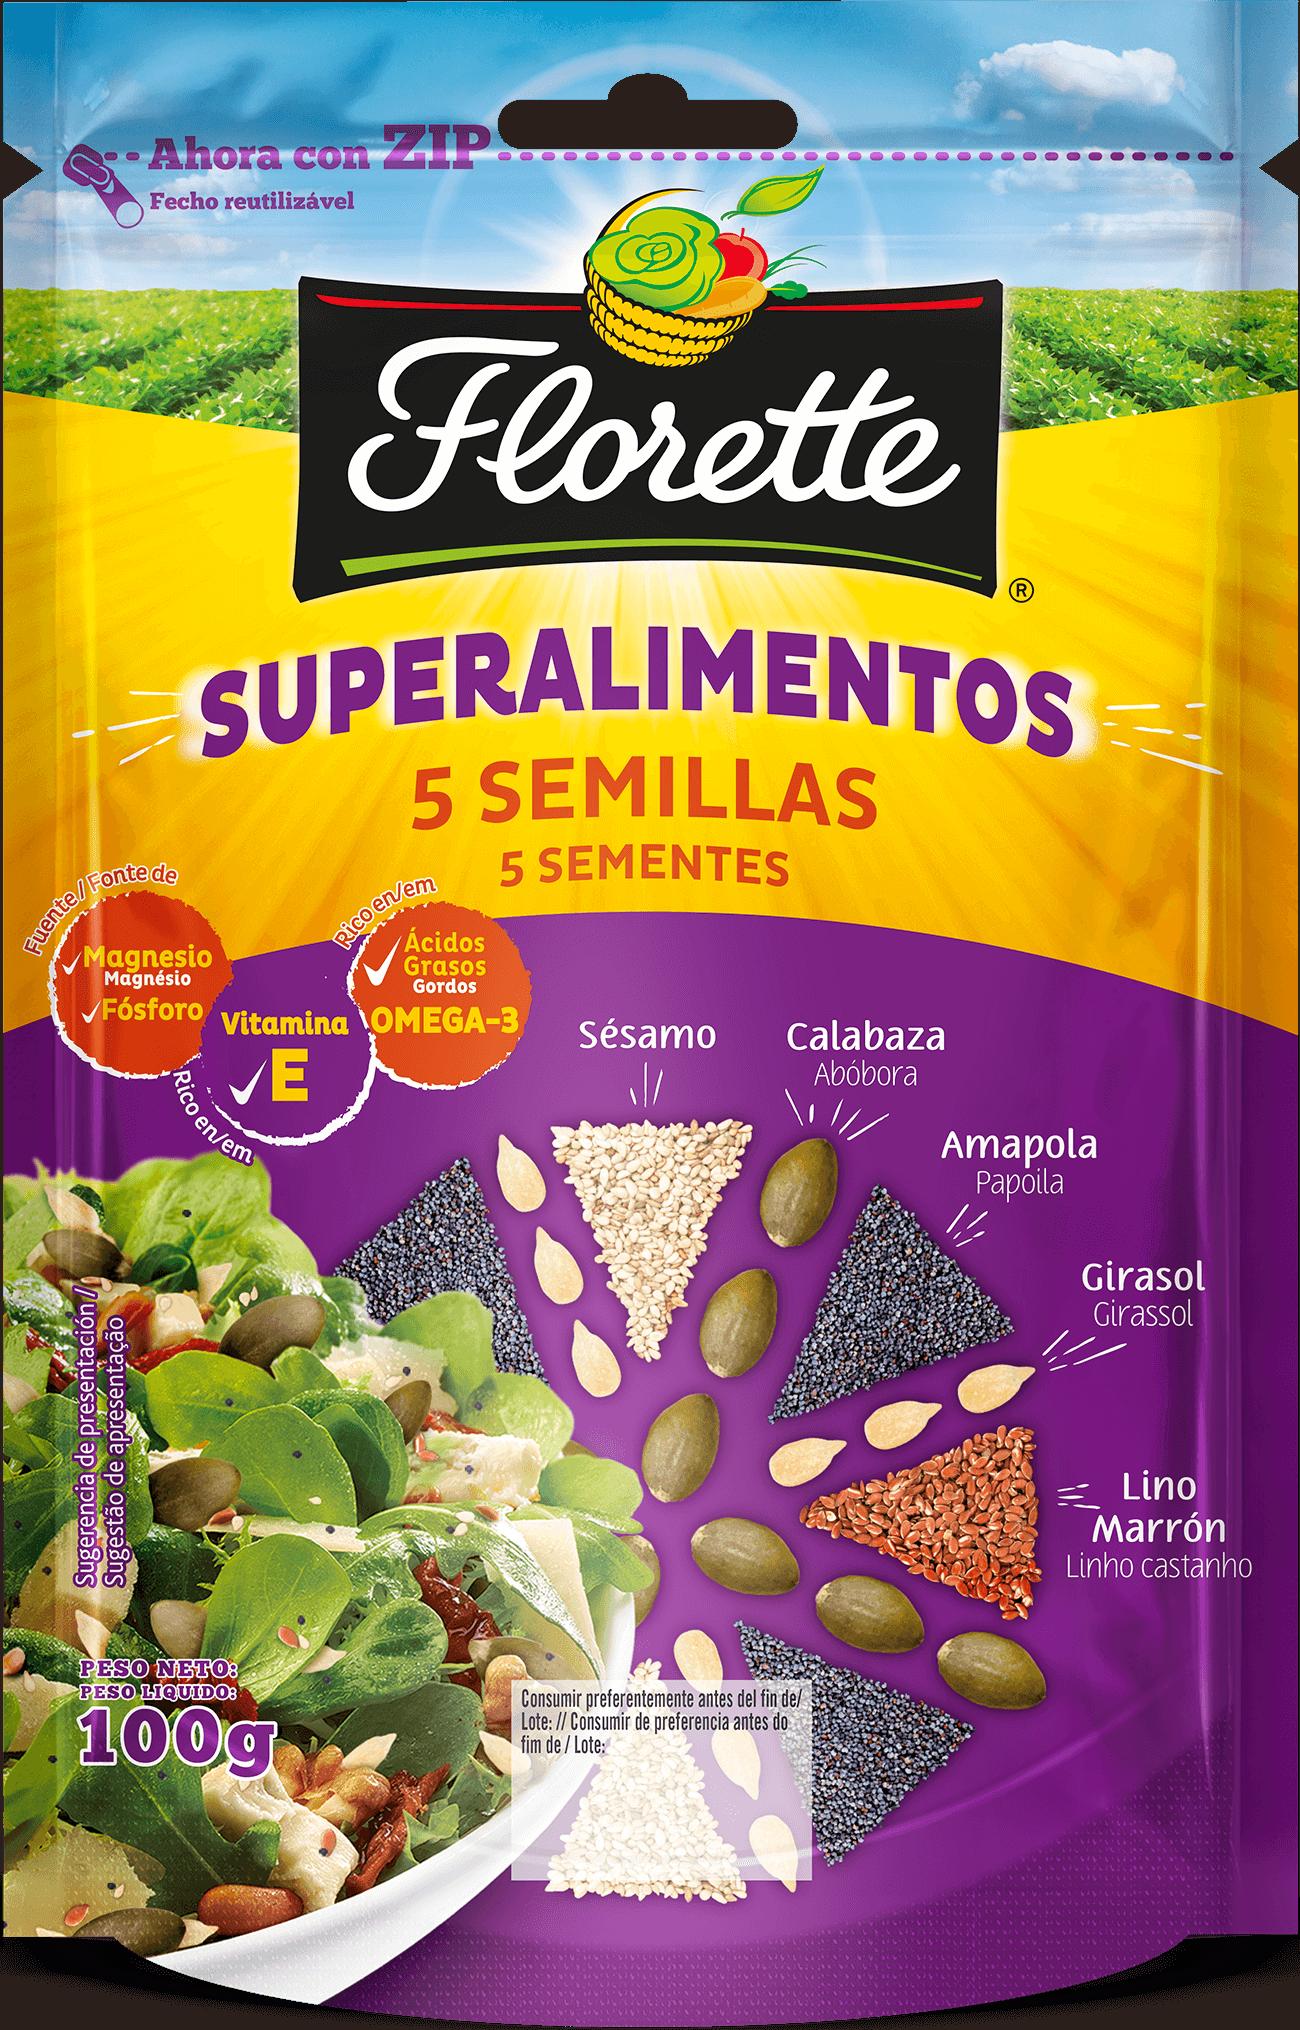 Bolsa de superalimentos con semillas de girasol, semillas de lino marrón, semillas de amapola, pipas de calabaza y semillas de sésamo